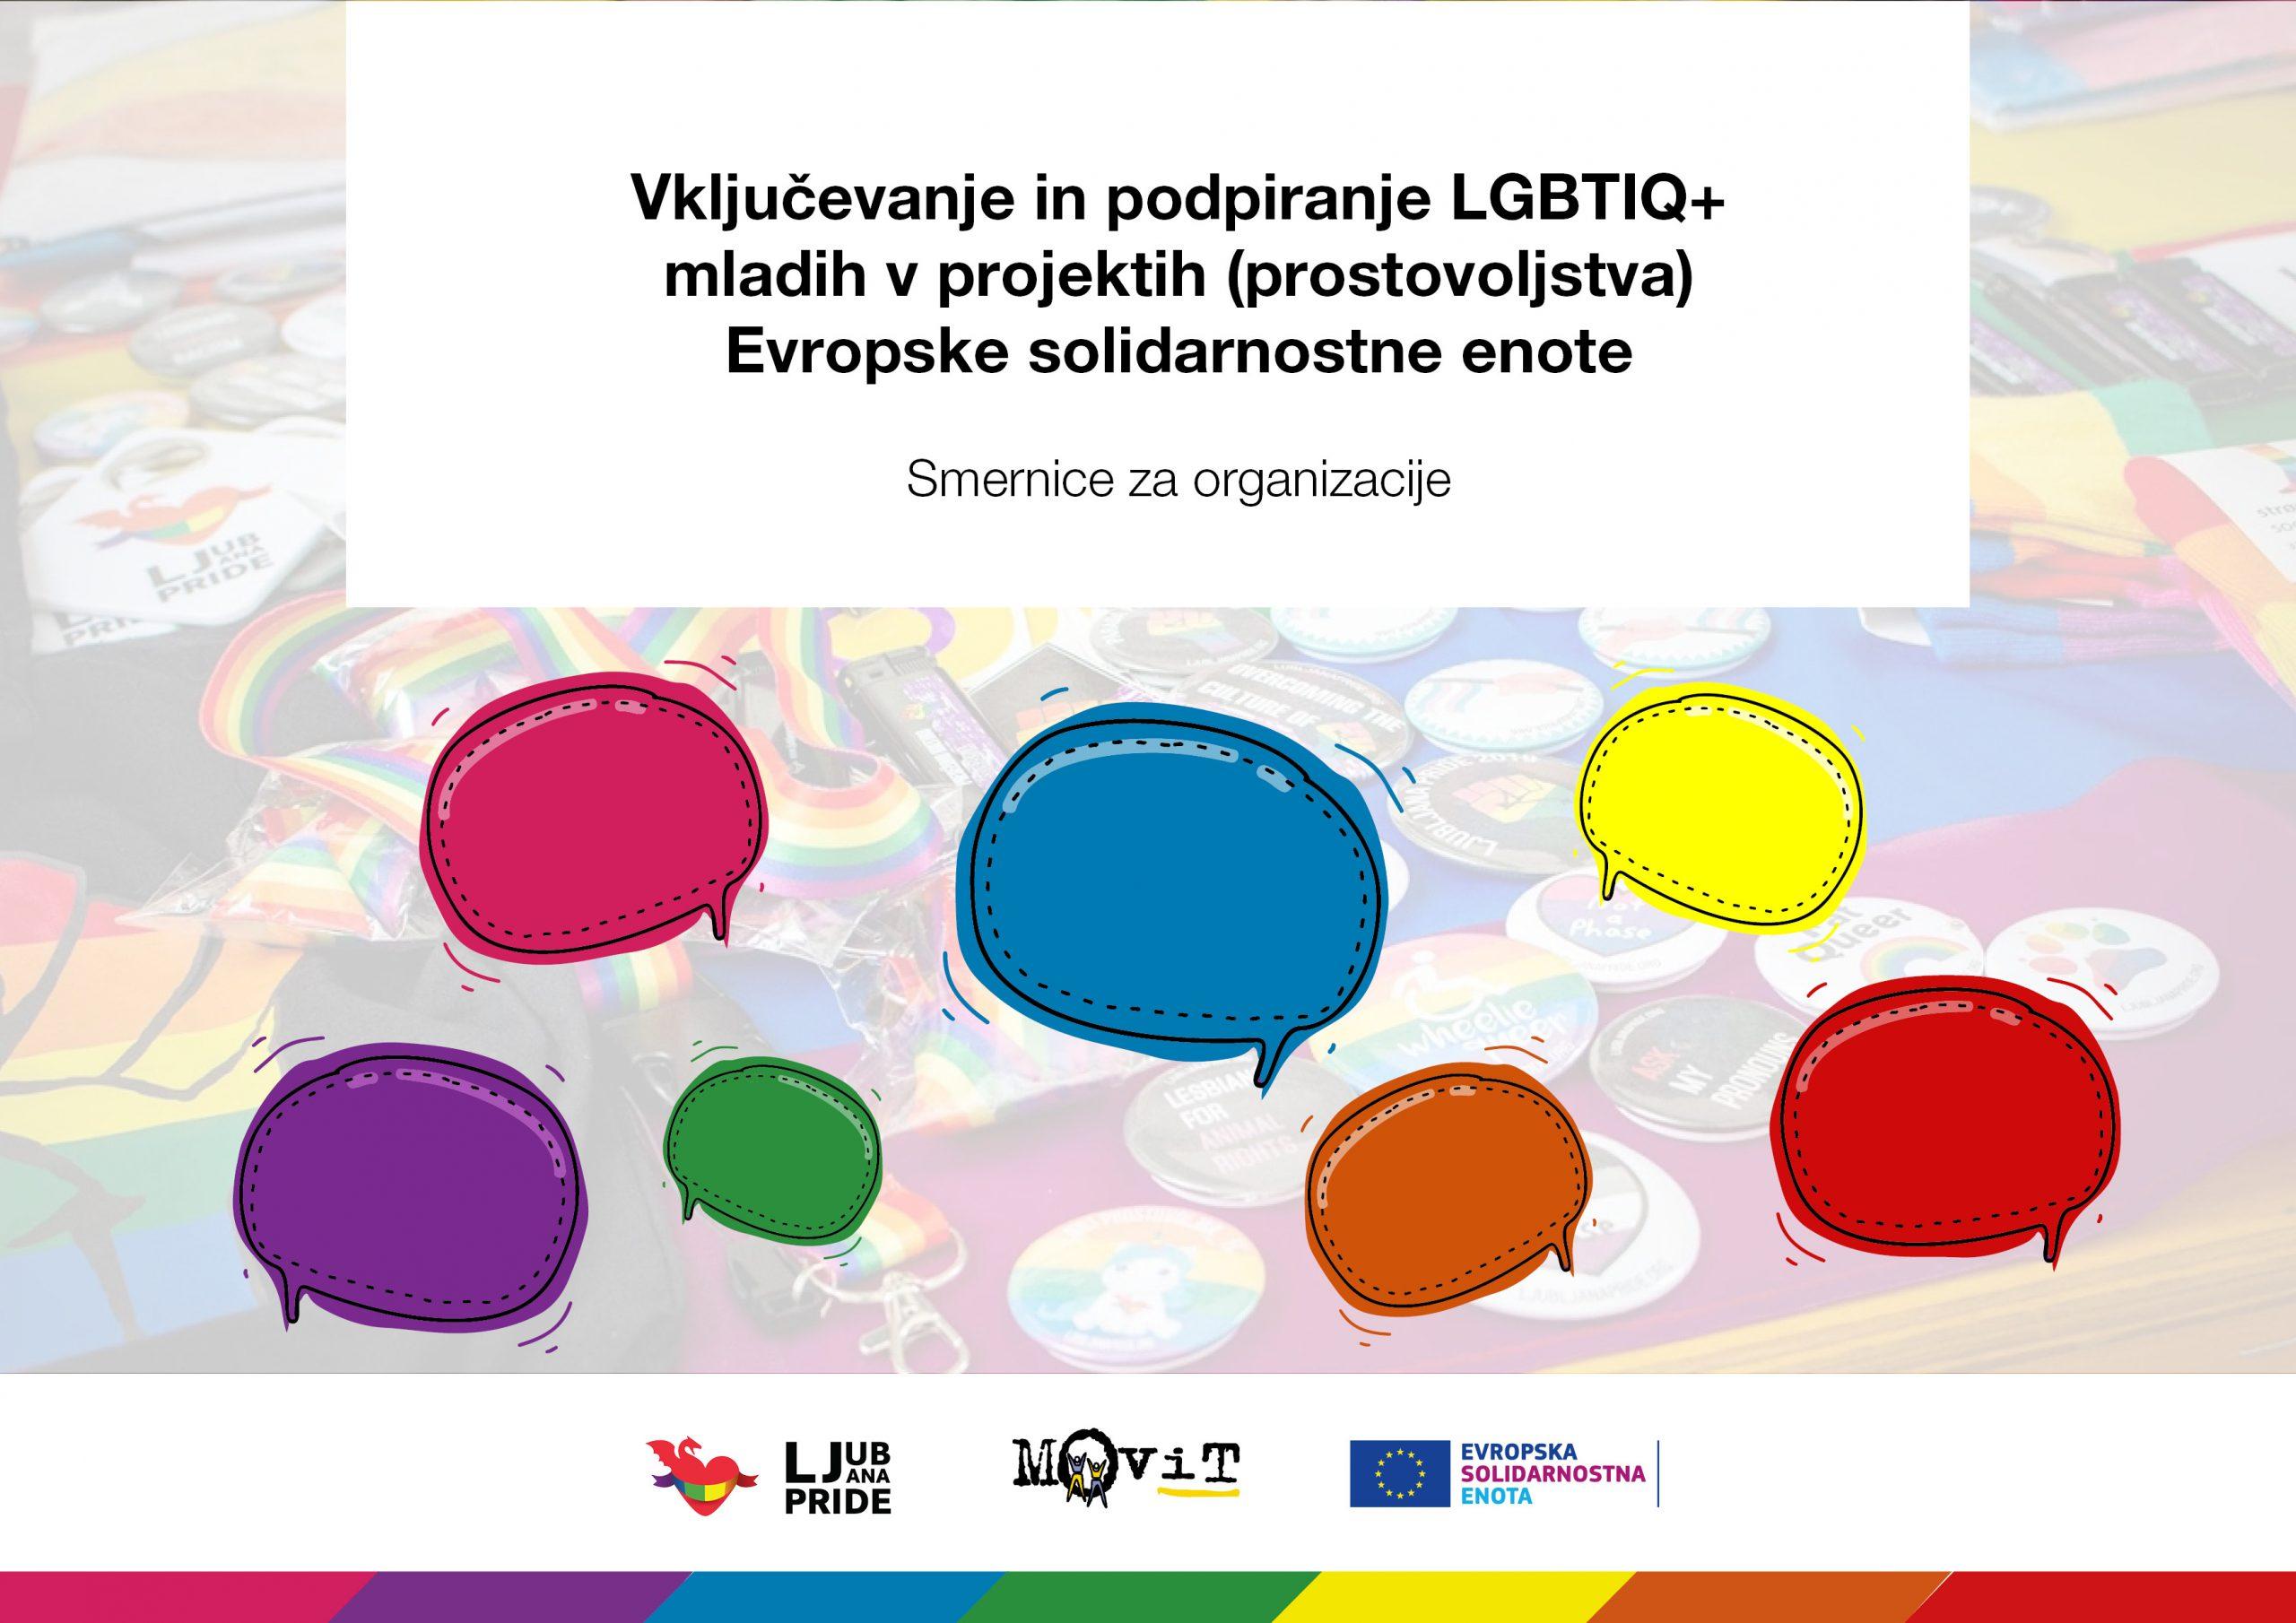 Vključevanje in podpiranje LGBTIQ+ mladih v projektih (prostovoljstva) Evropske solidarnostne enote